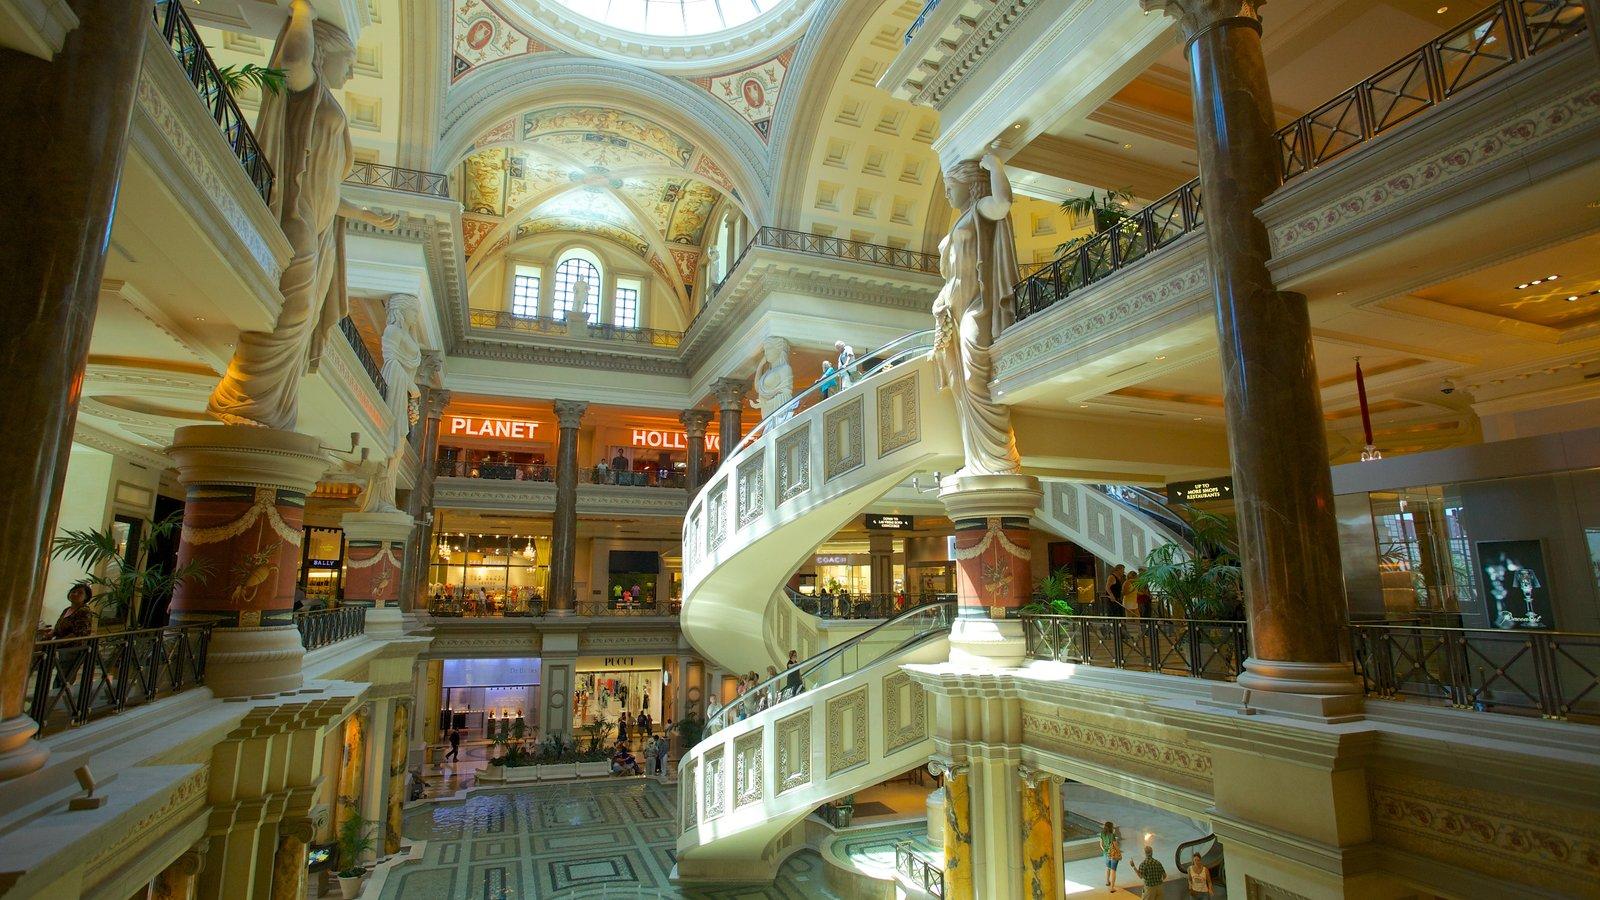 Forum Shops que inclui vistas internas e compras